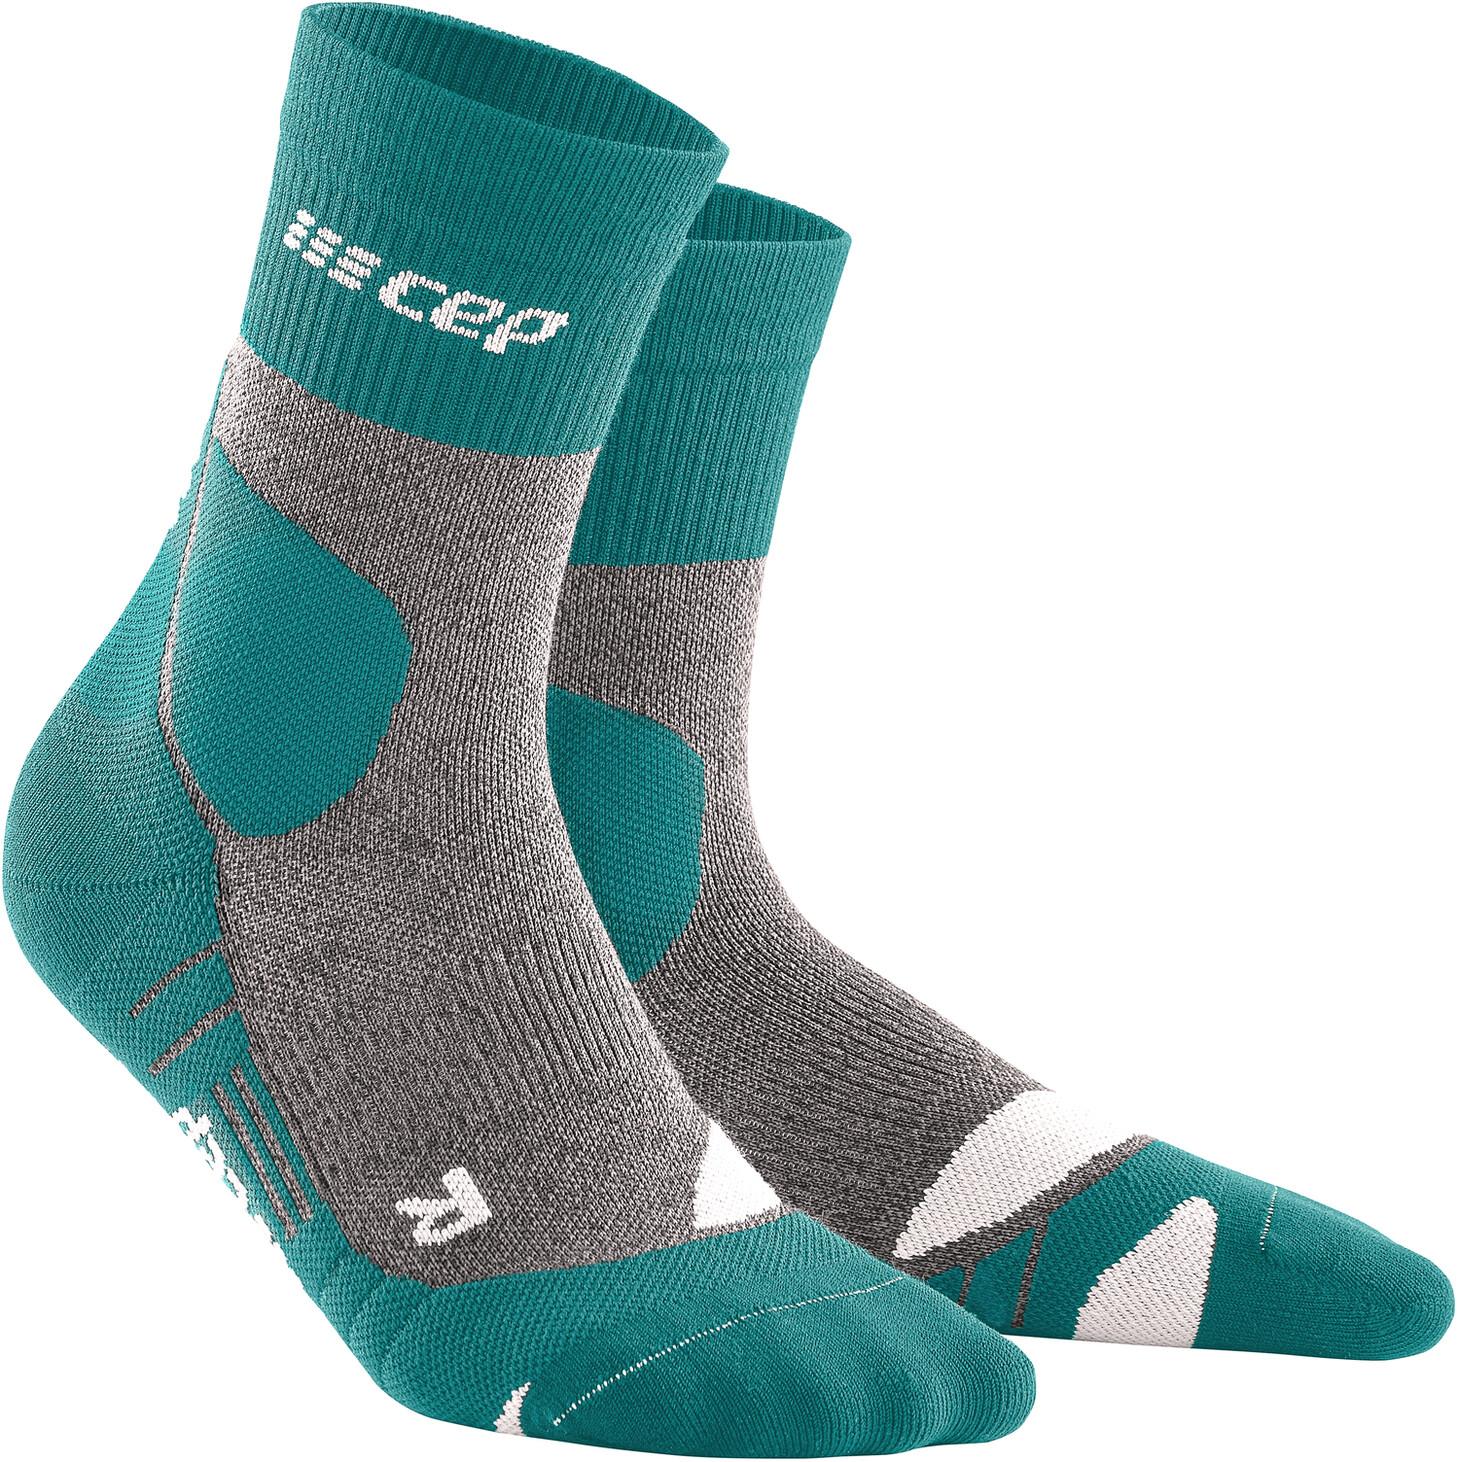 Hiking Merino Mid Cut sokker Herrer, grøn/grå | cykelstrømpe